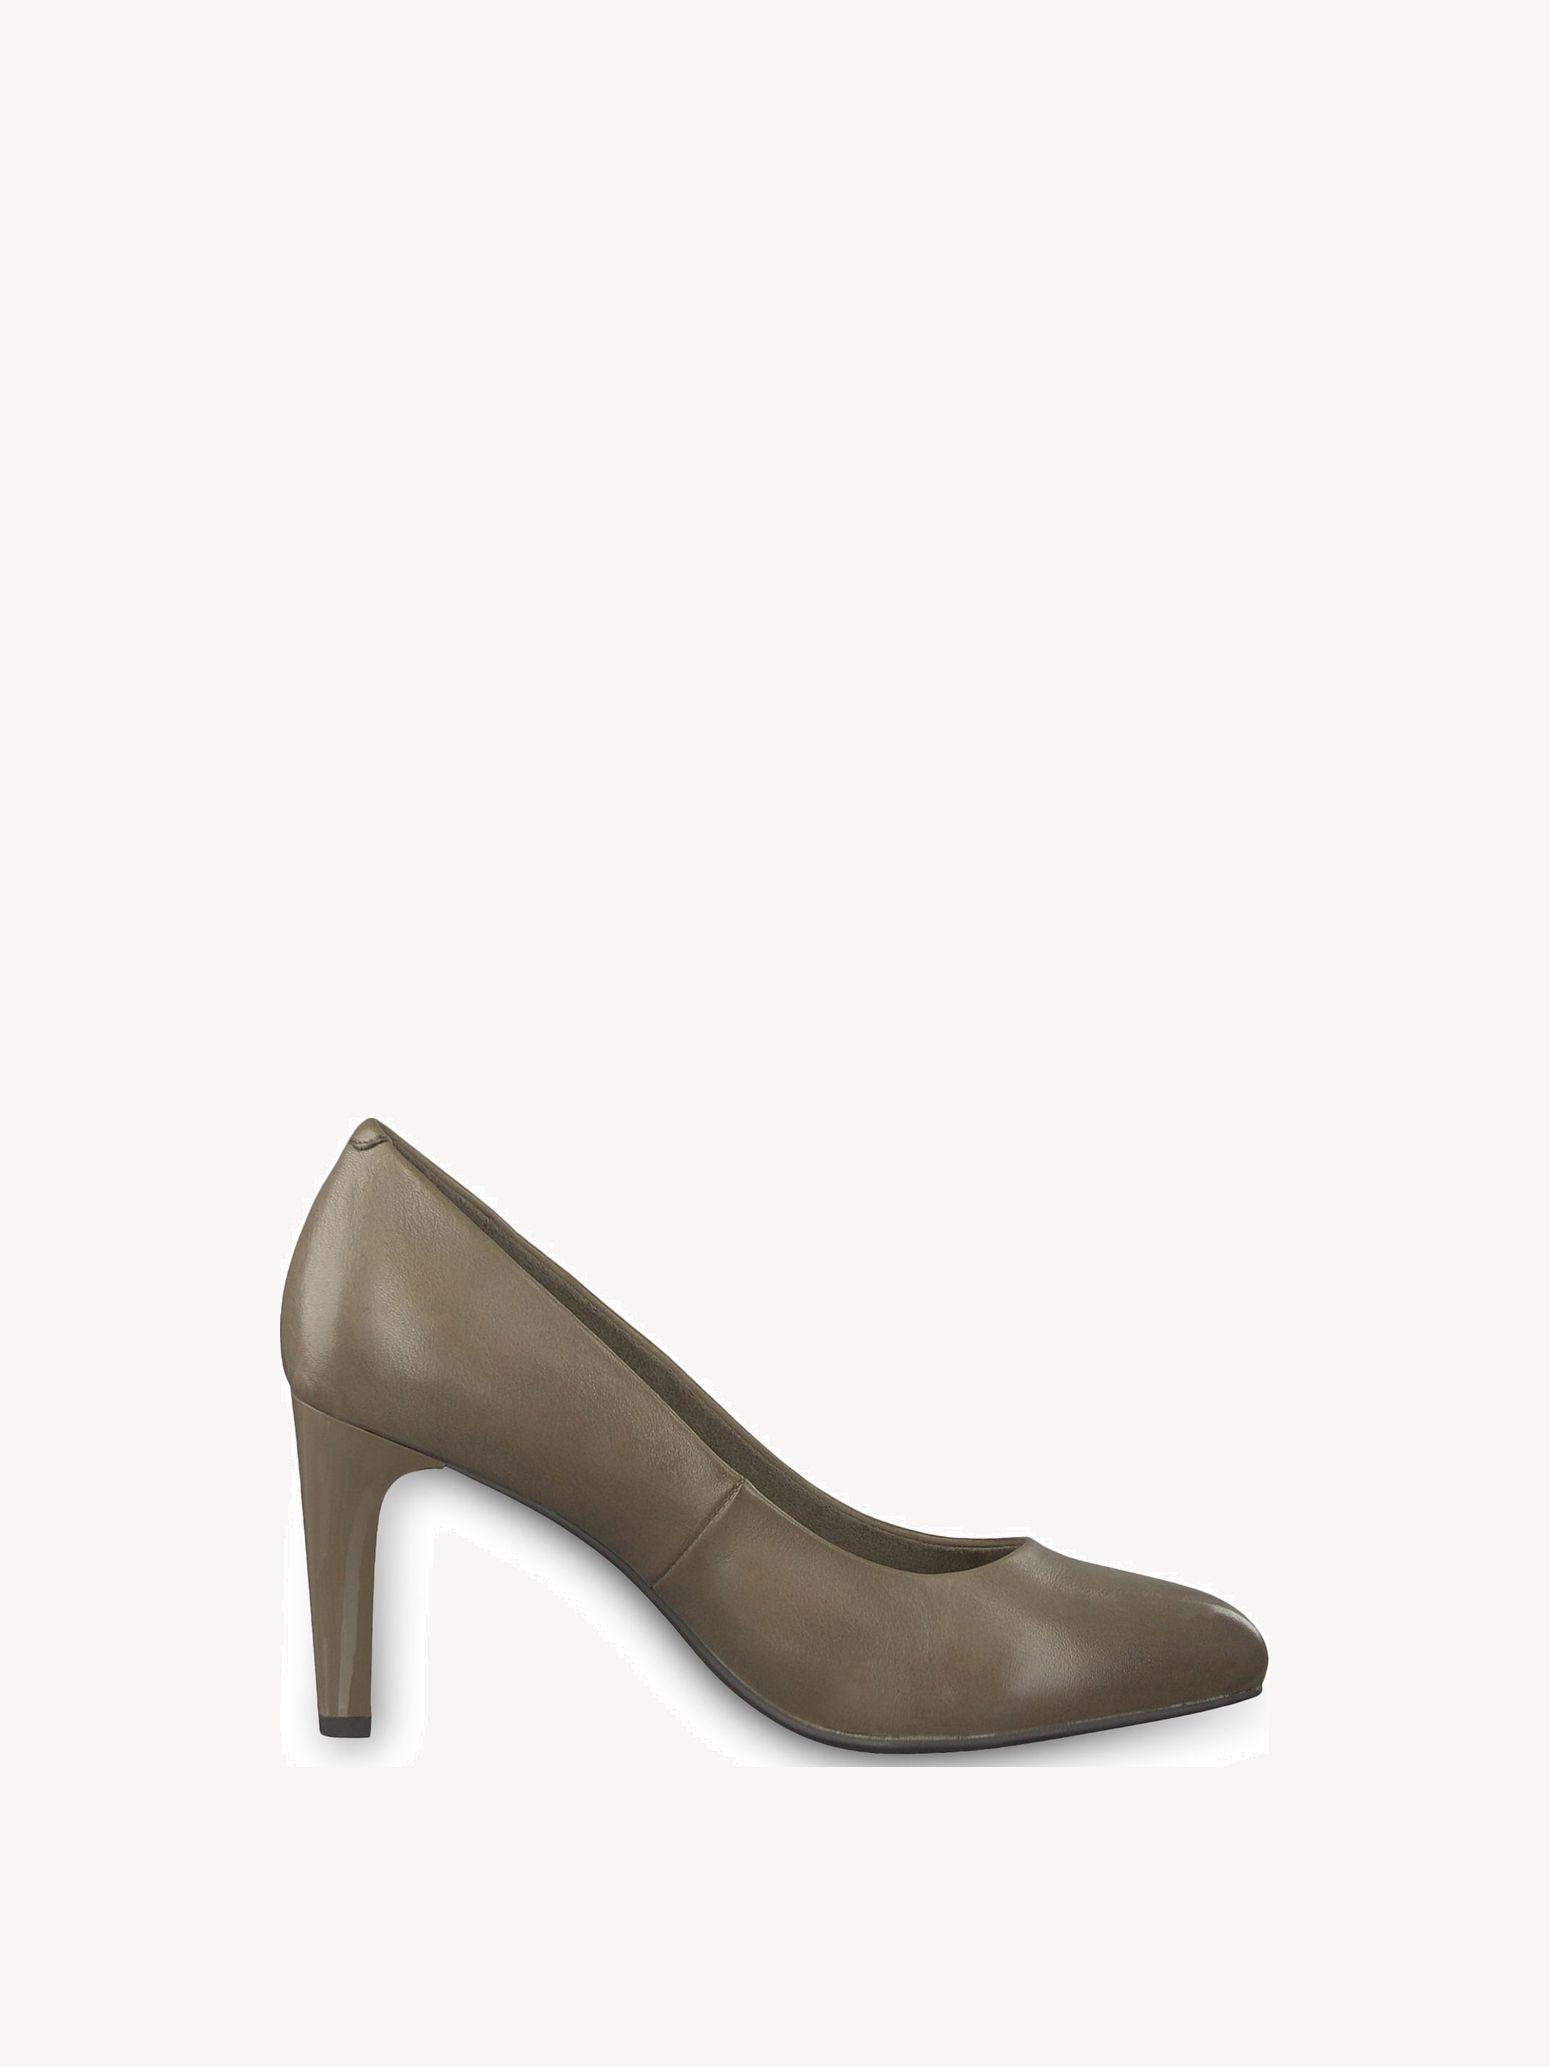 f4c0a6f34a7ba4 Cateryna 1-1-22405-21  Buy Tamaris High heels online!